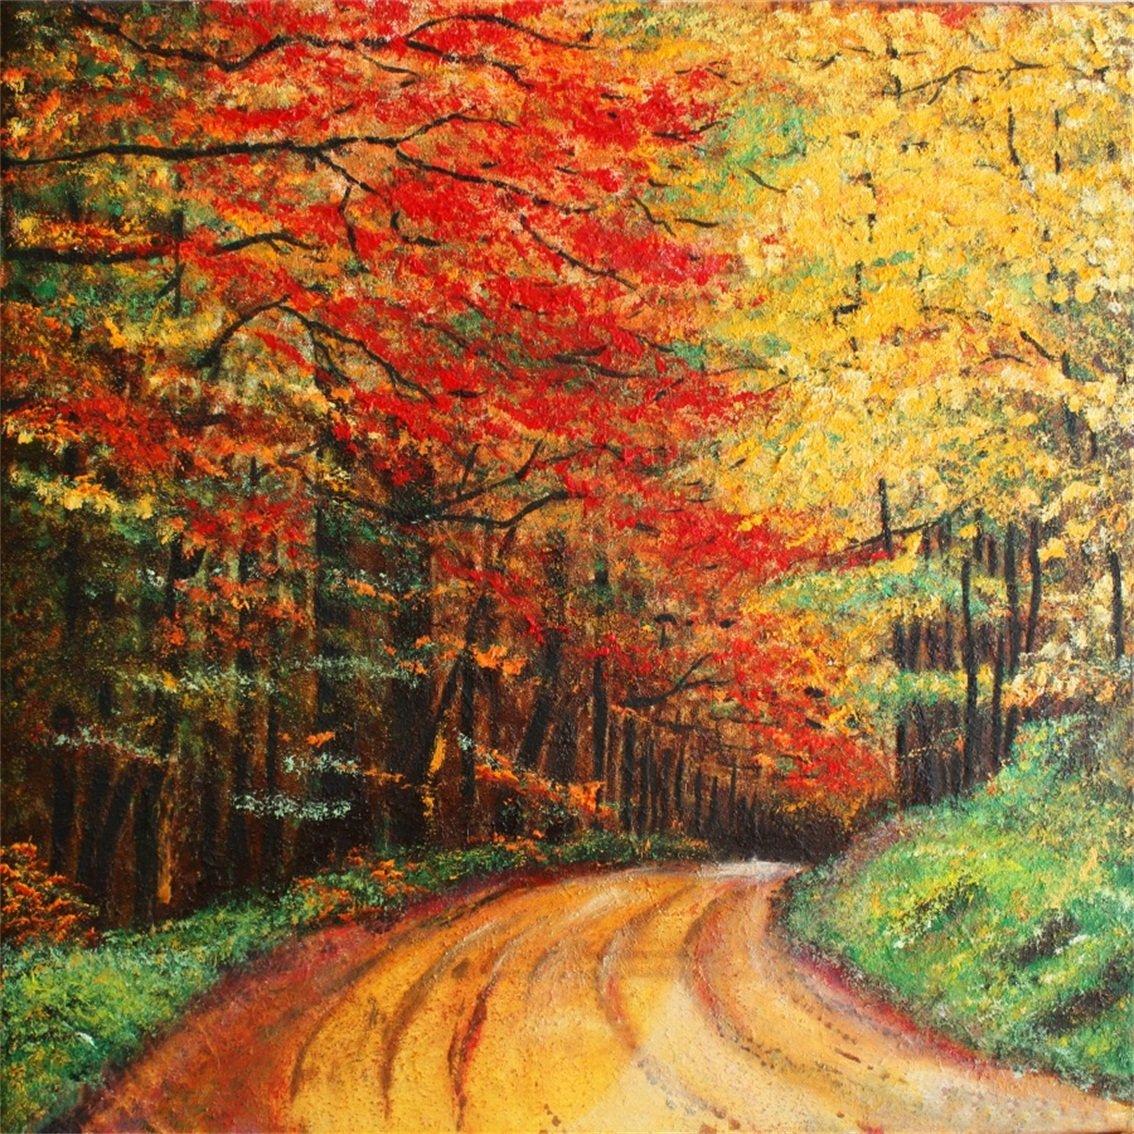 新しい 木 葉 黄色 赤 秋の道路 美しい 背景 写真 風景 油絵 秋の森の